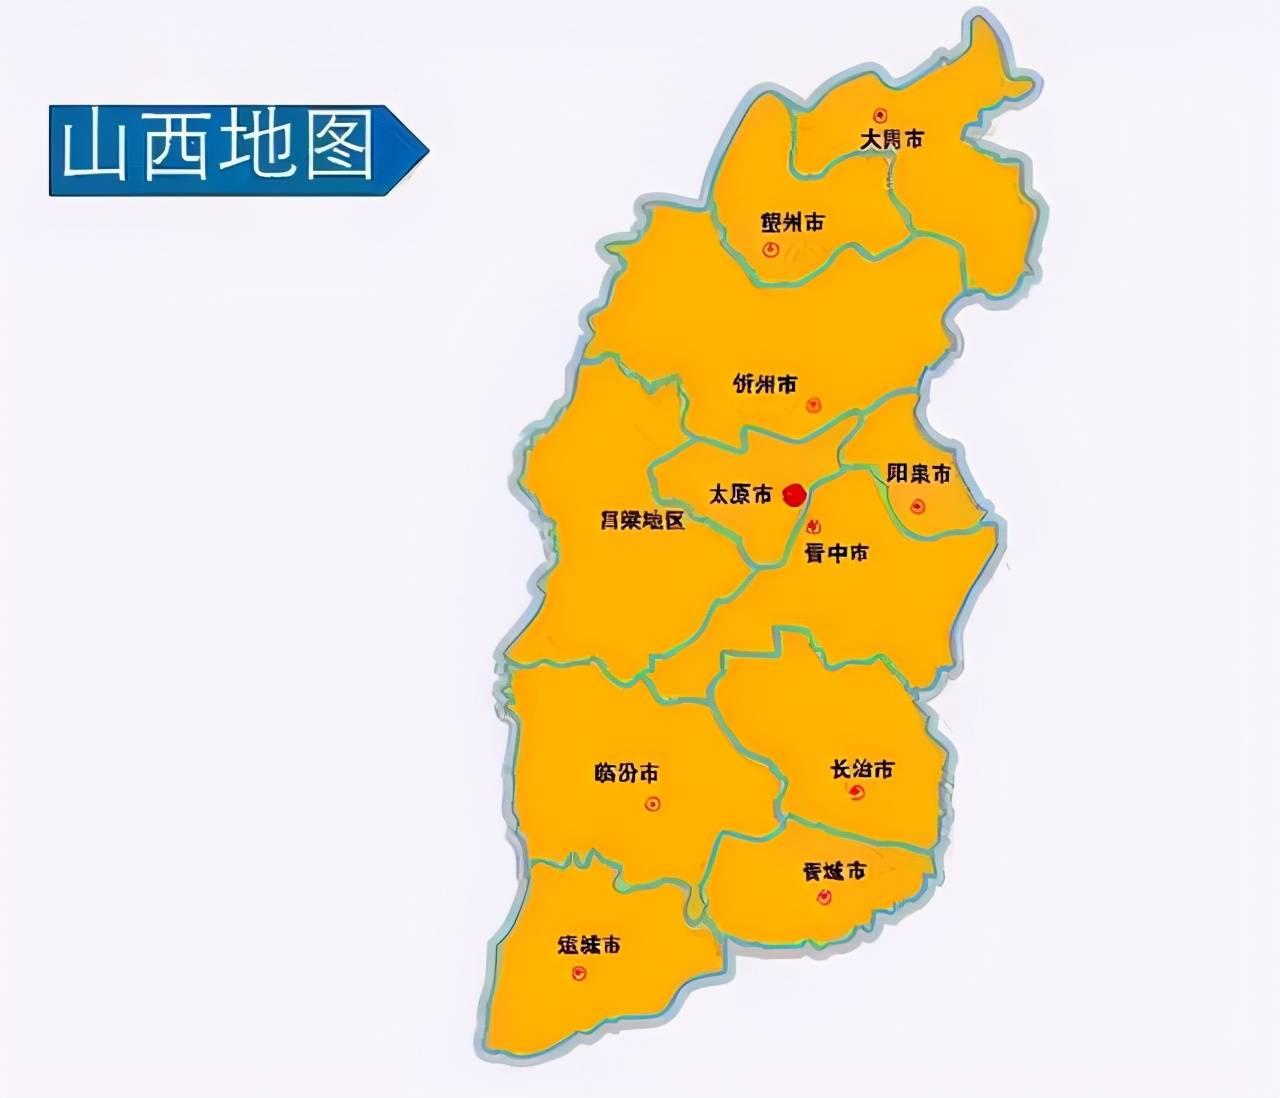 平顺县人口_灵秀壮美通天峡,一县一品公益助农,山西平顺特色农产品潞党参